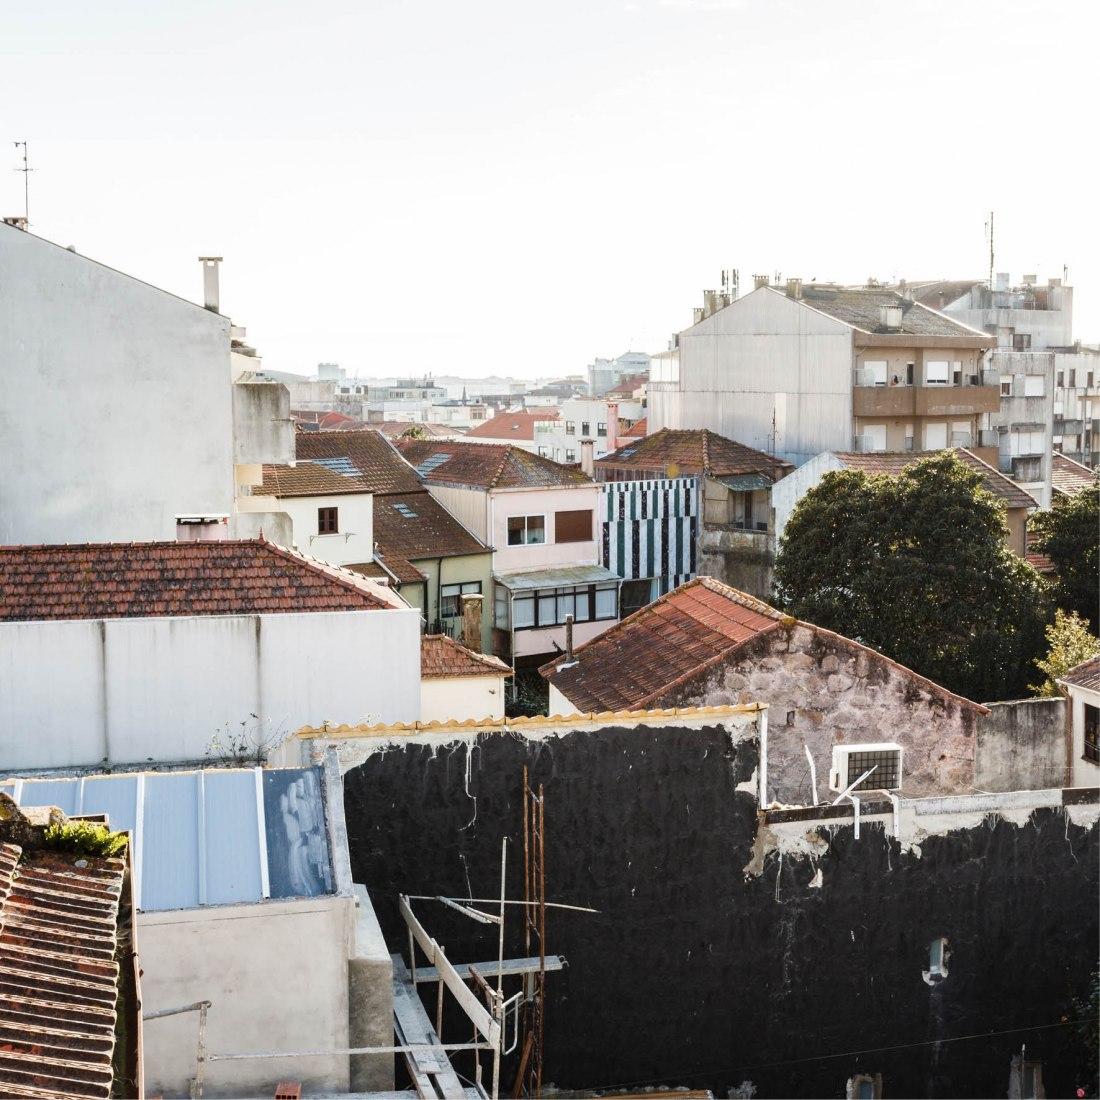 Overview. Rua do Paraiso dwellings by fala atelier. Photograph by Ricardo Loureiro